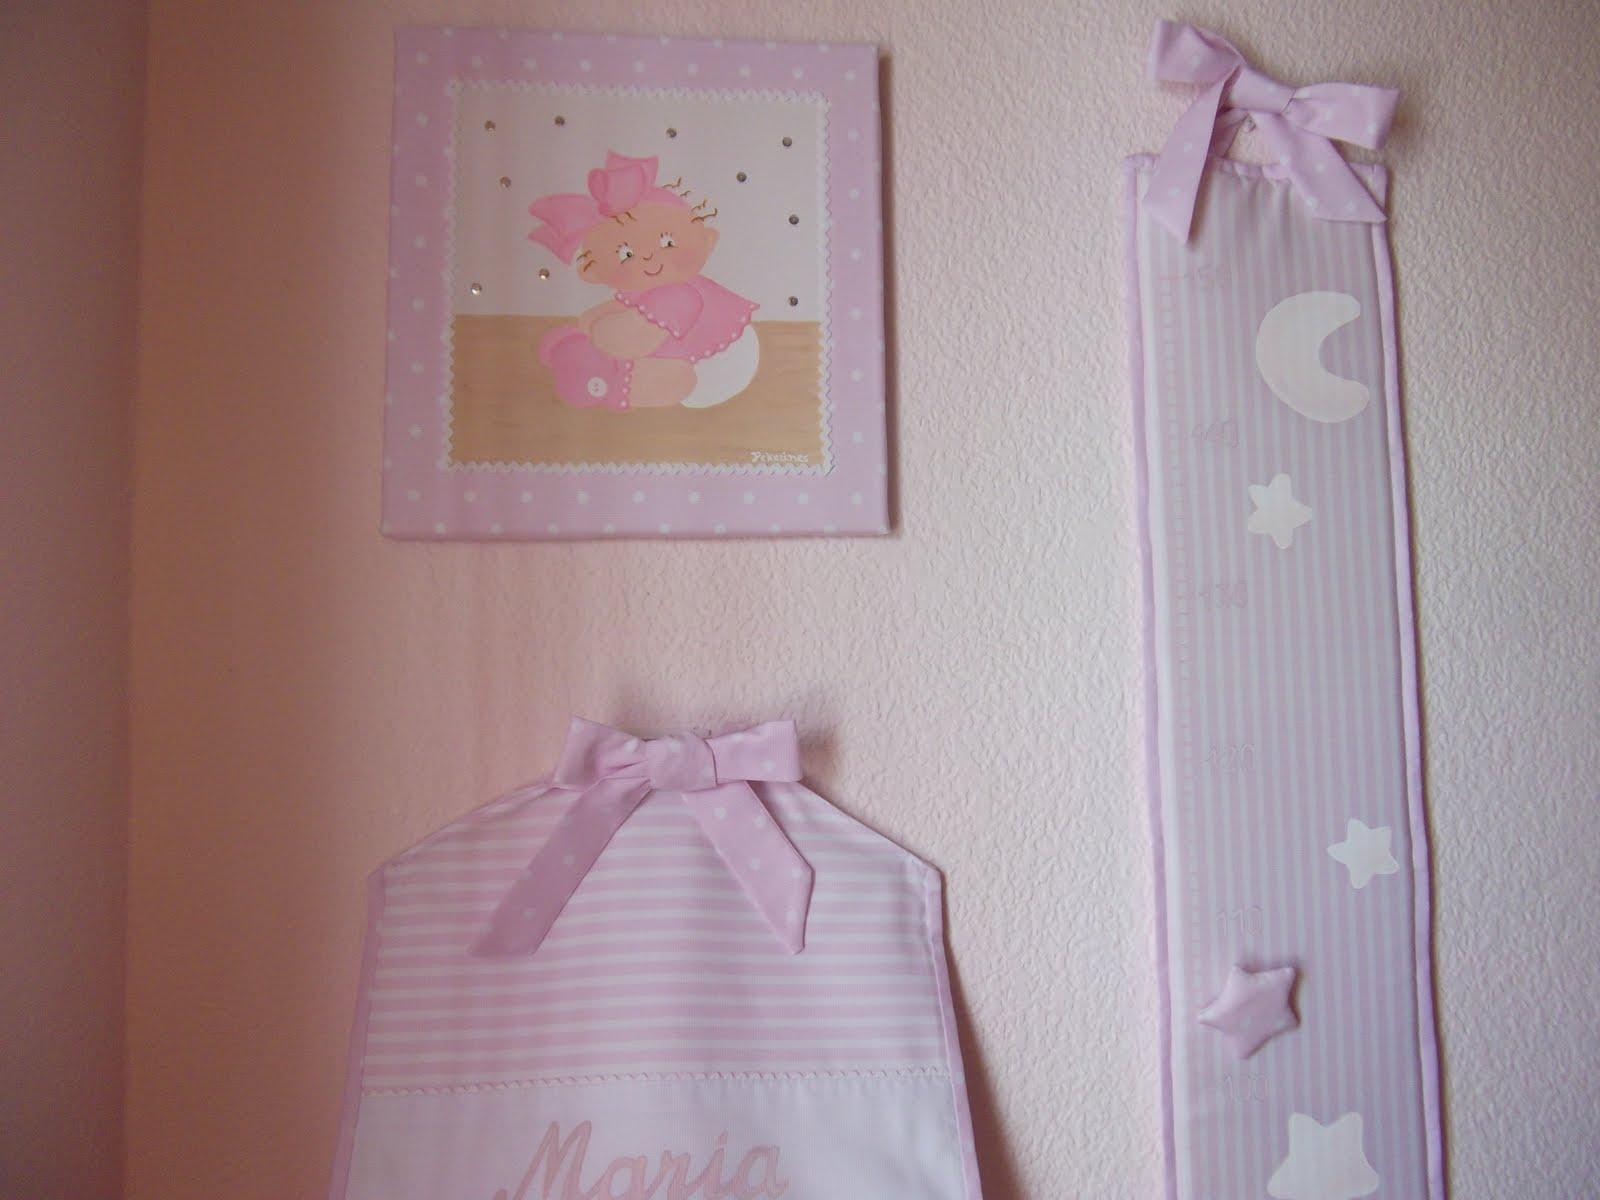 Decoraci n infantil pekerines coordinado habitacion beb - Medidor de habitaciones ...